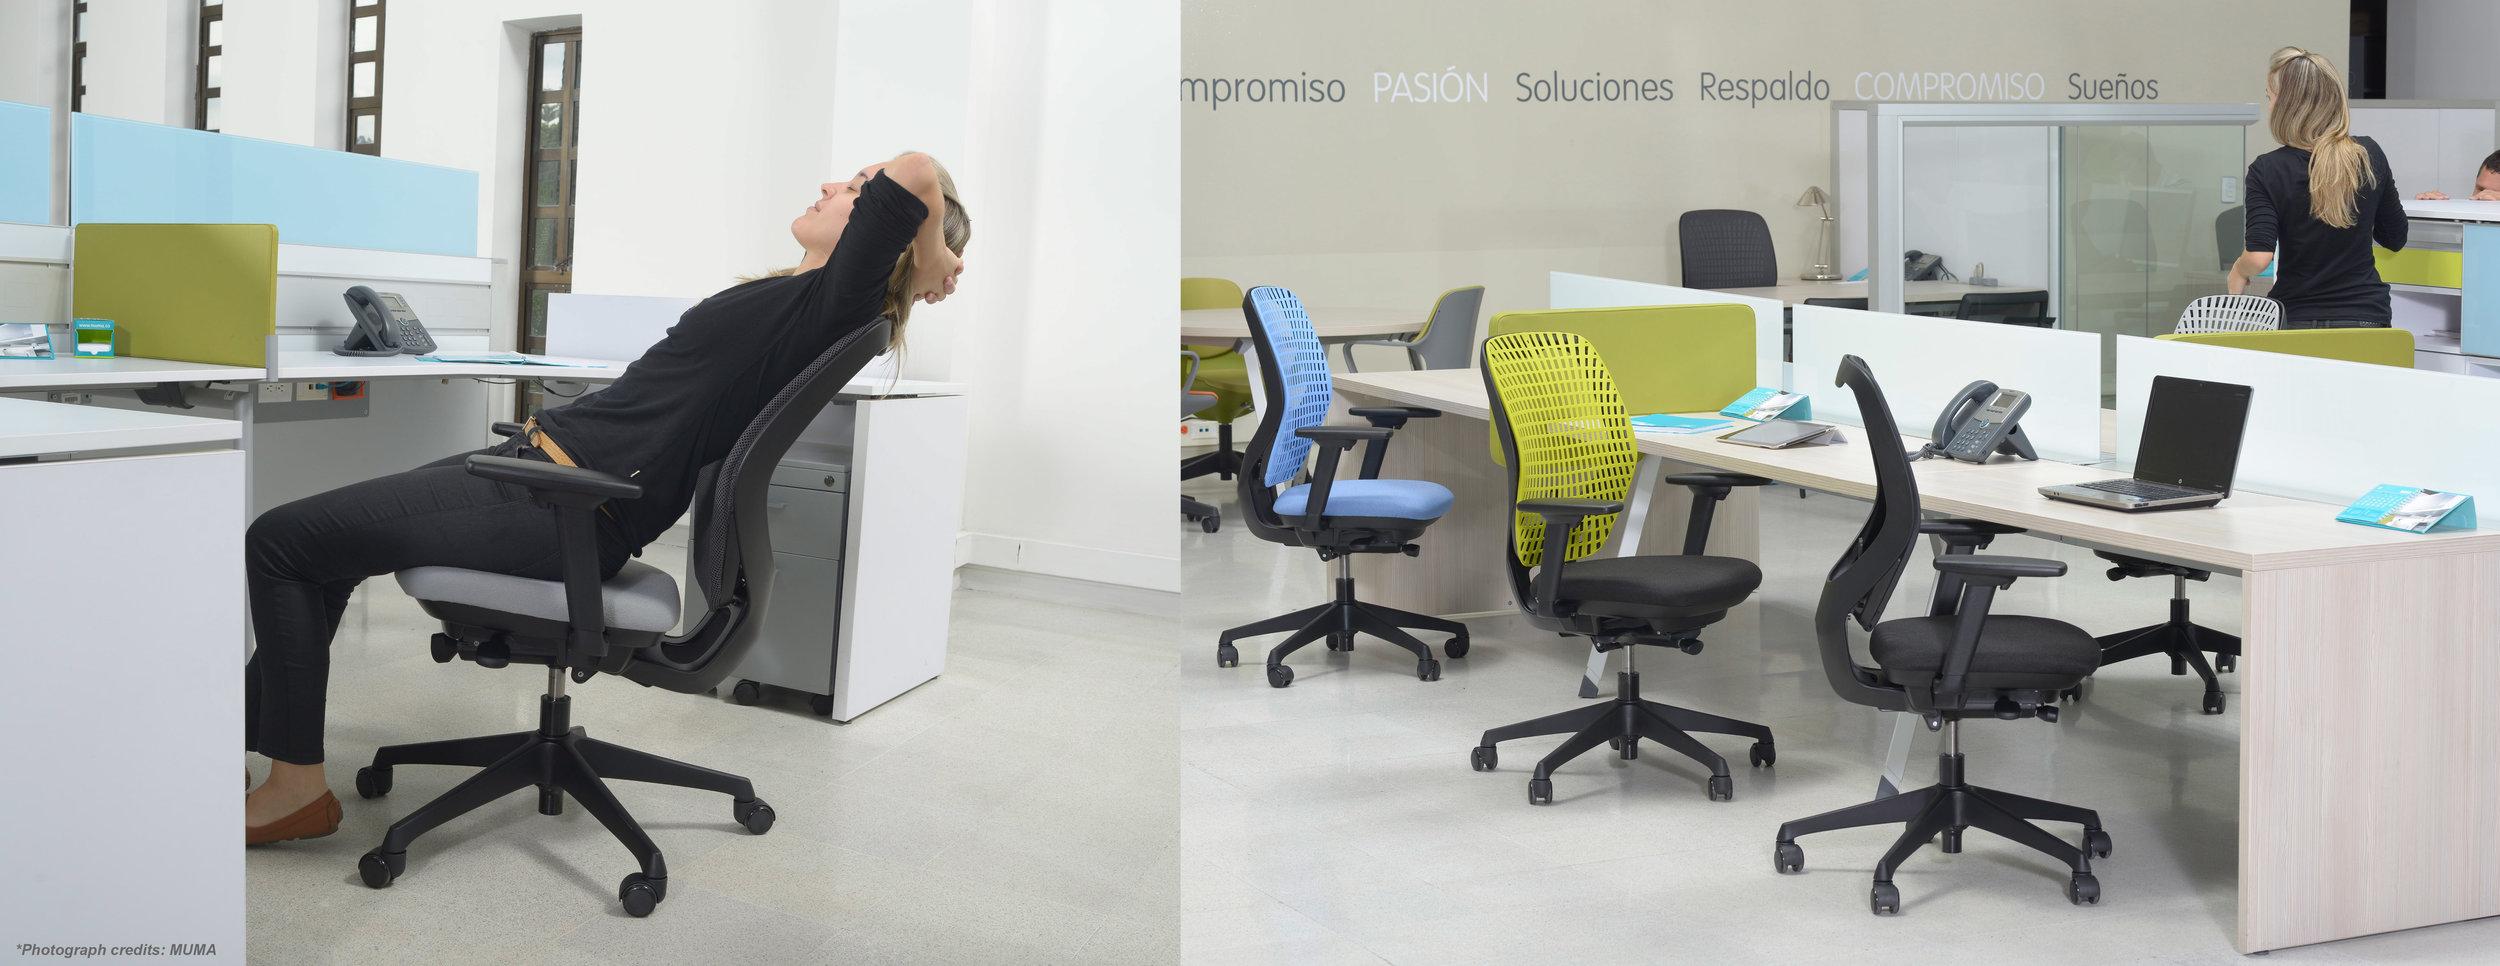 00D_DarioNarvaez_Portfolio_Ingo_Chair_Covers_WEB.jpg